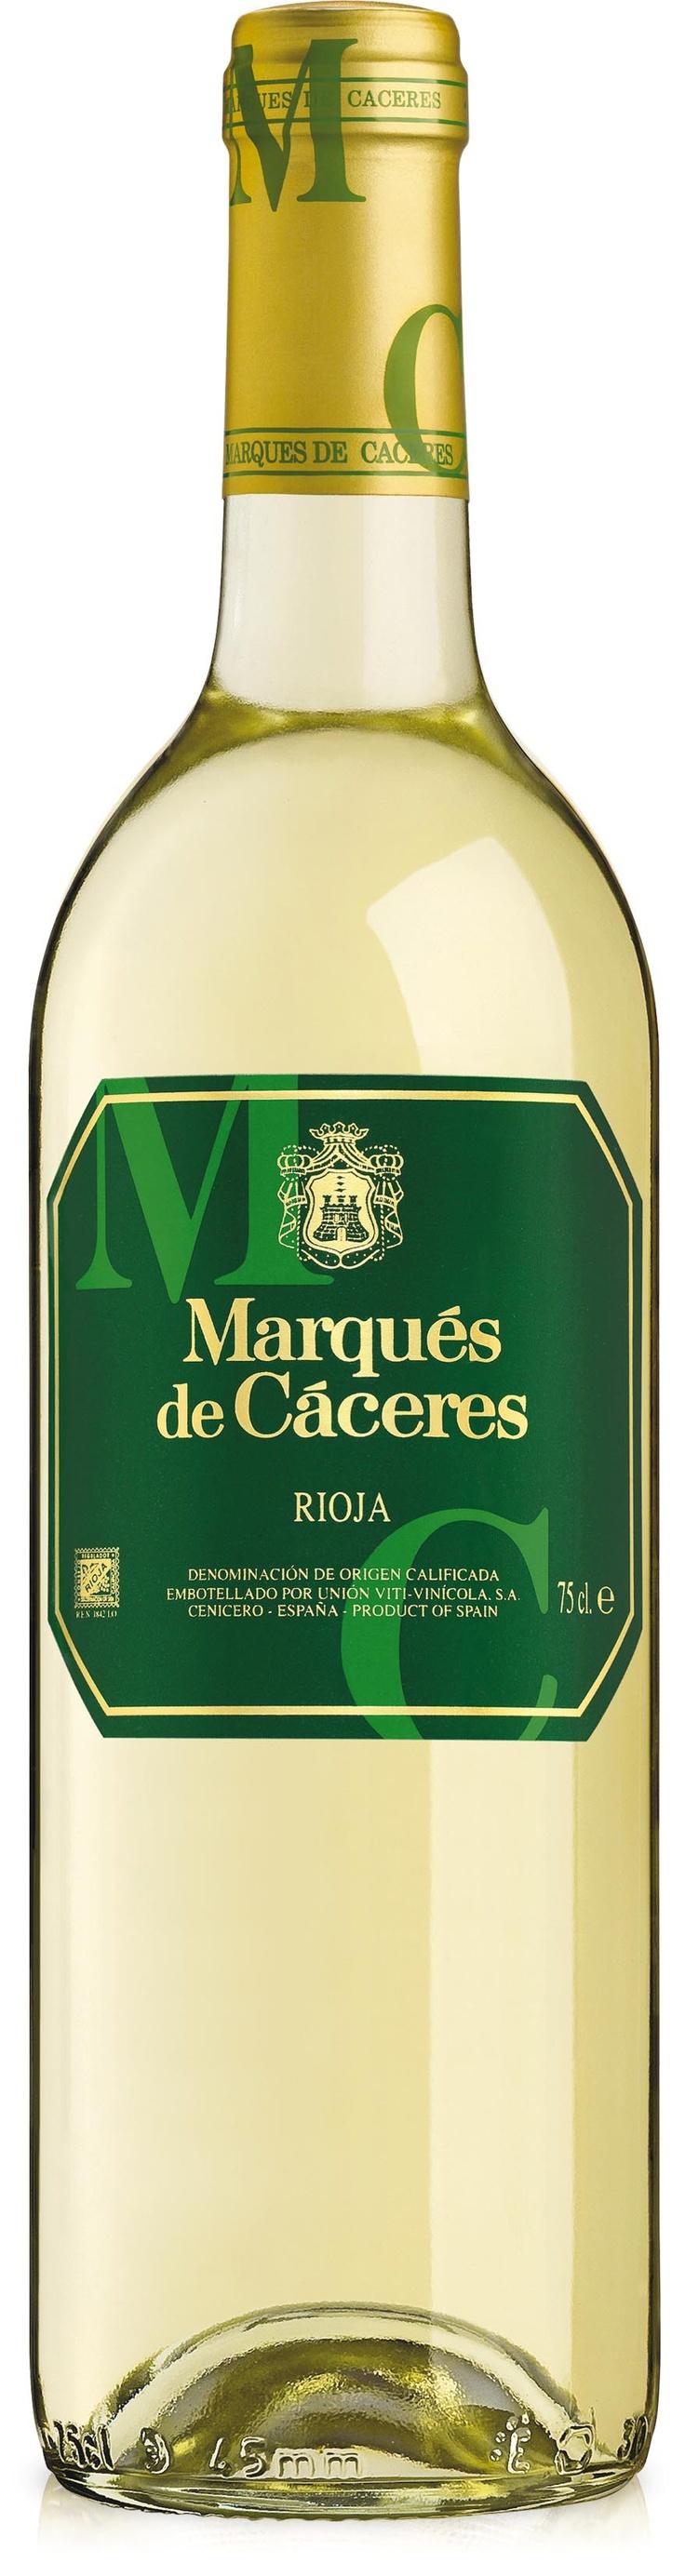 Marqués de Cáceres Blanco 2011.